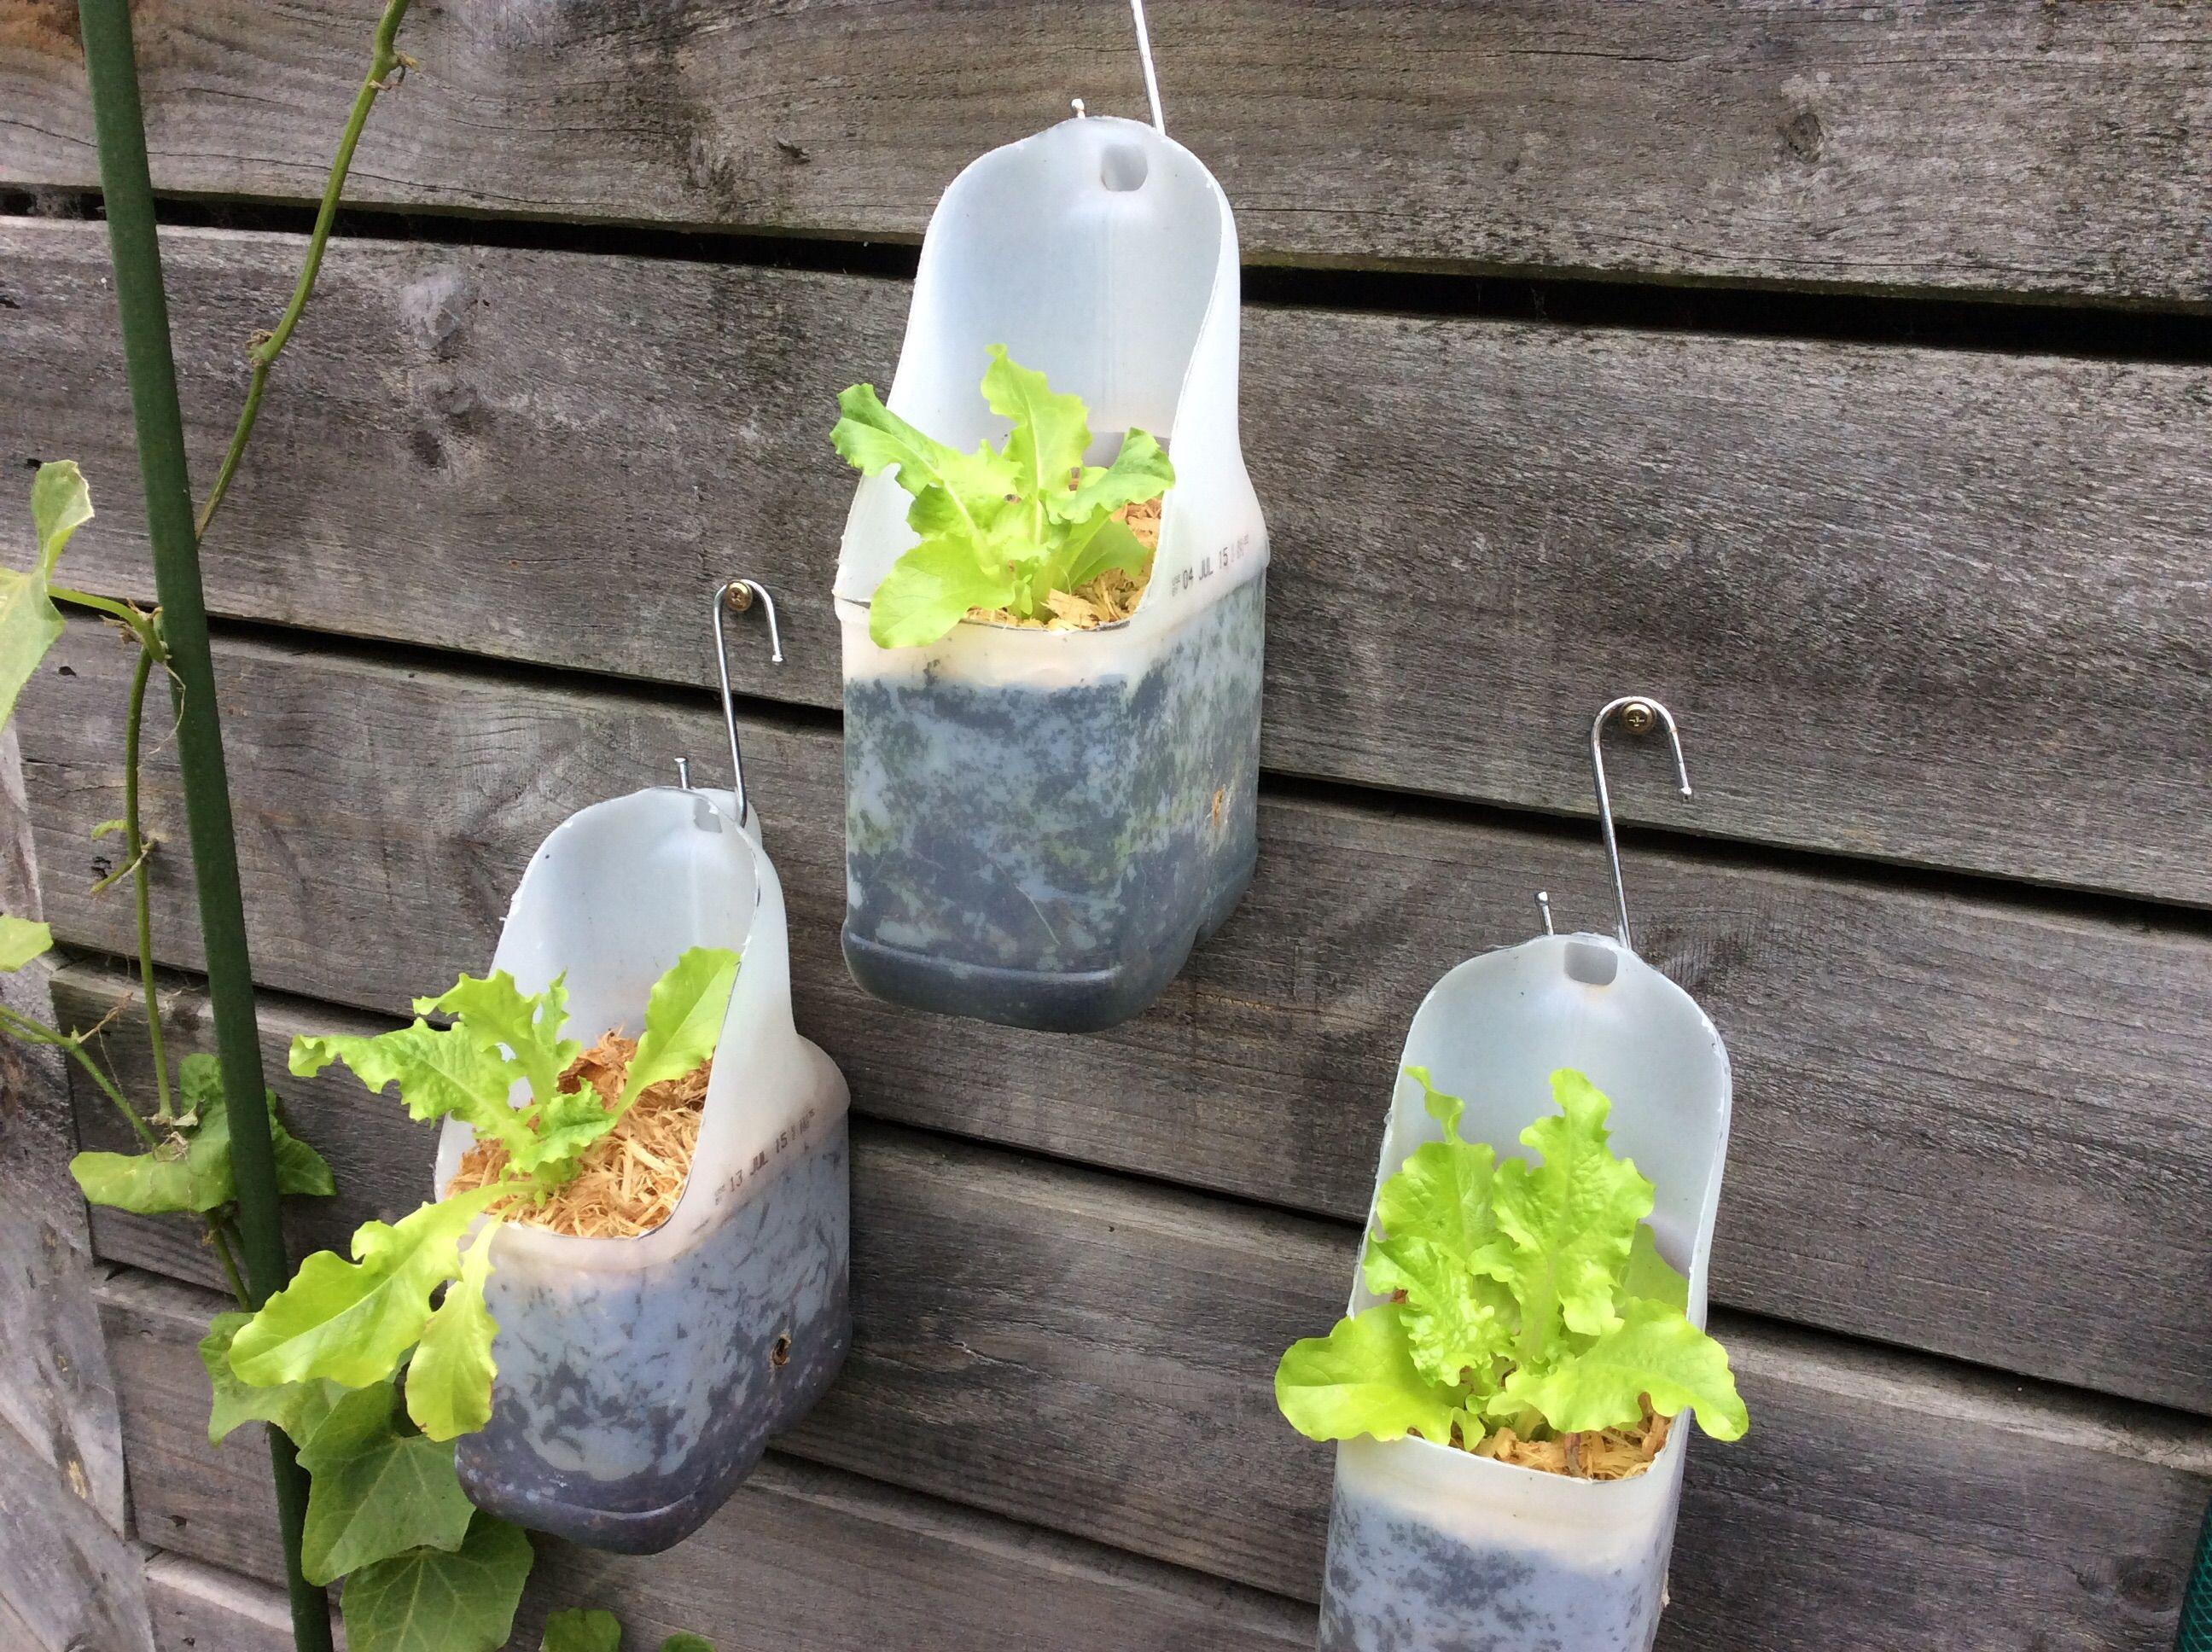 a26f2a64b3b98eae6ee206390c086d76 - How To Use Plastic Containers For Gardening